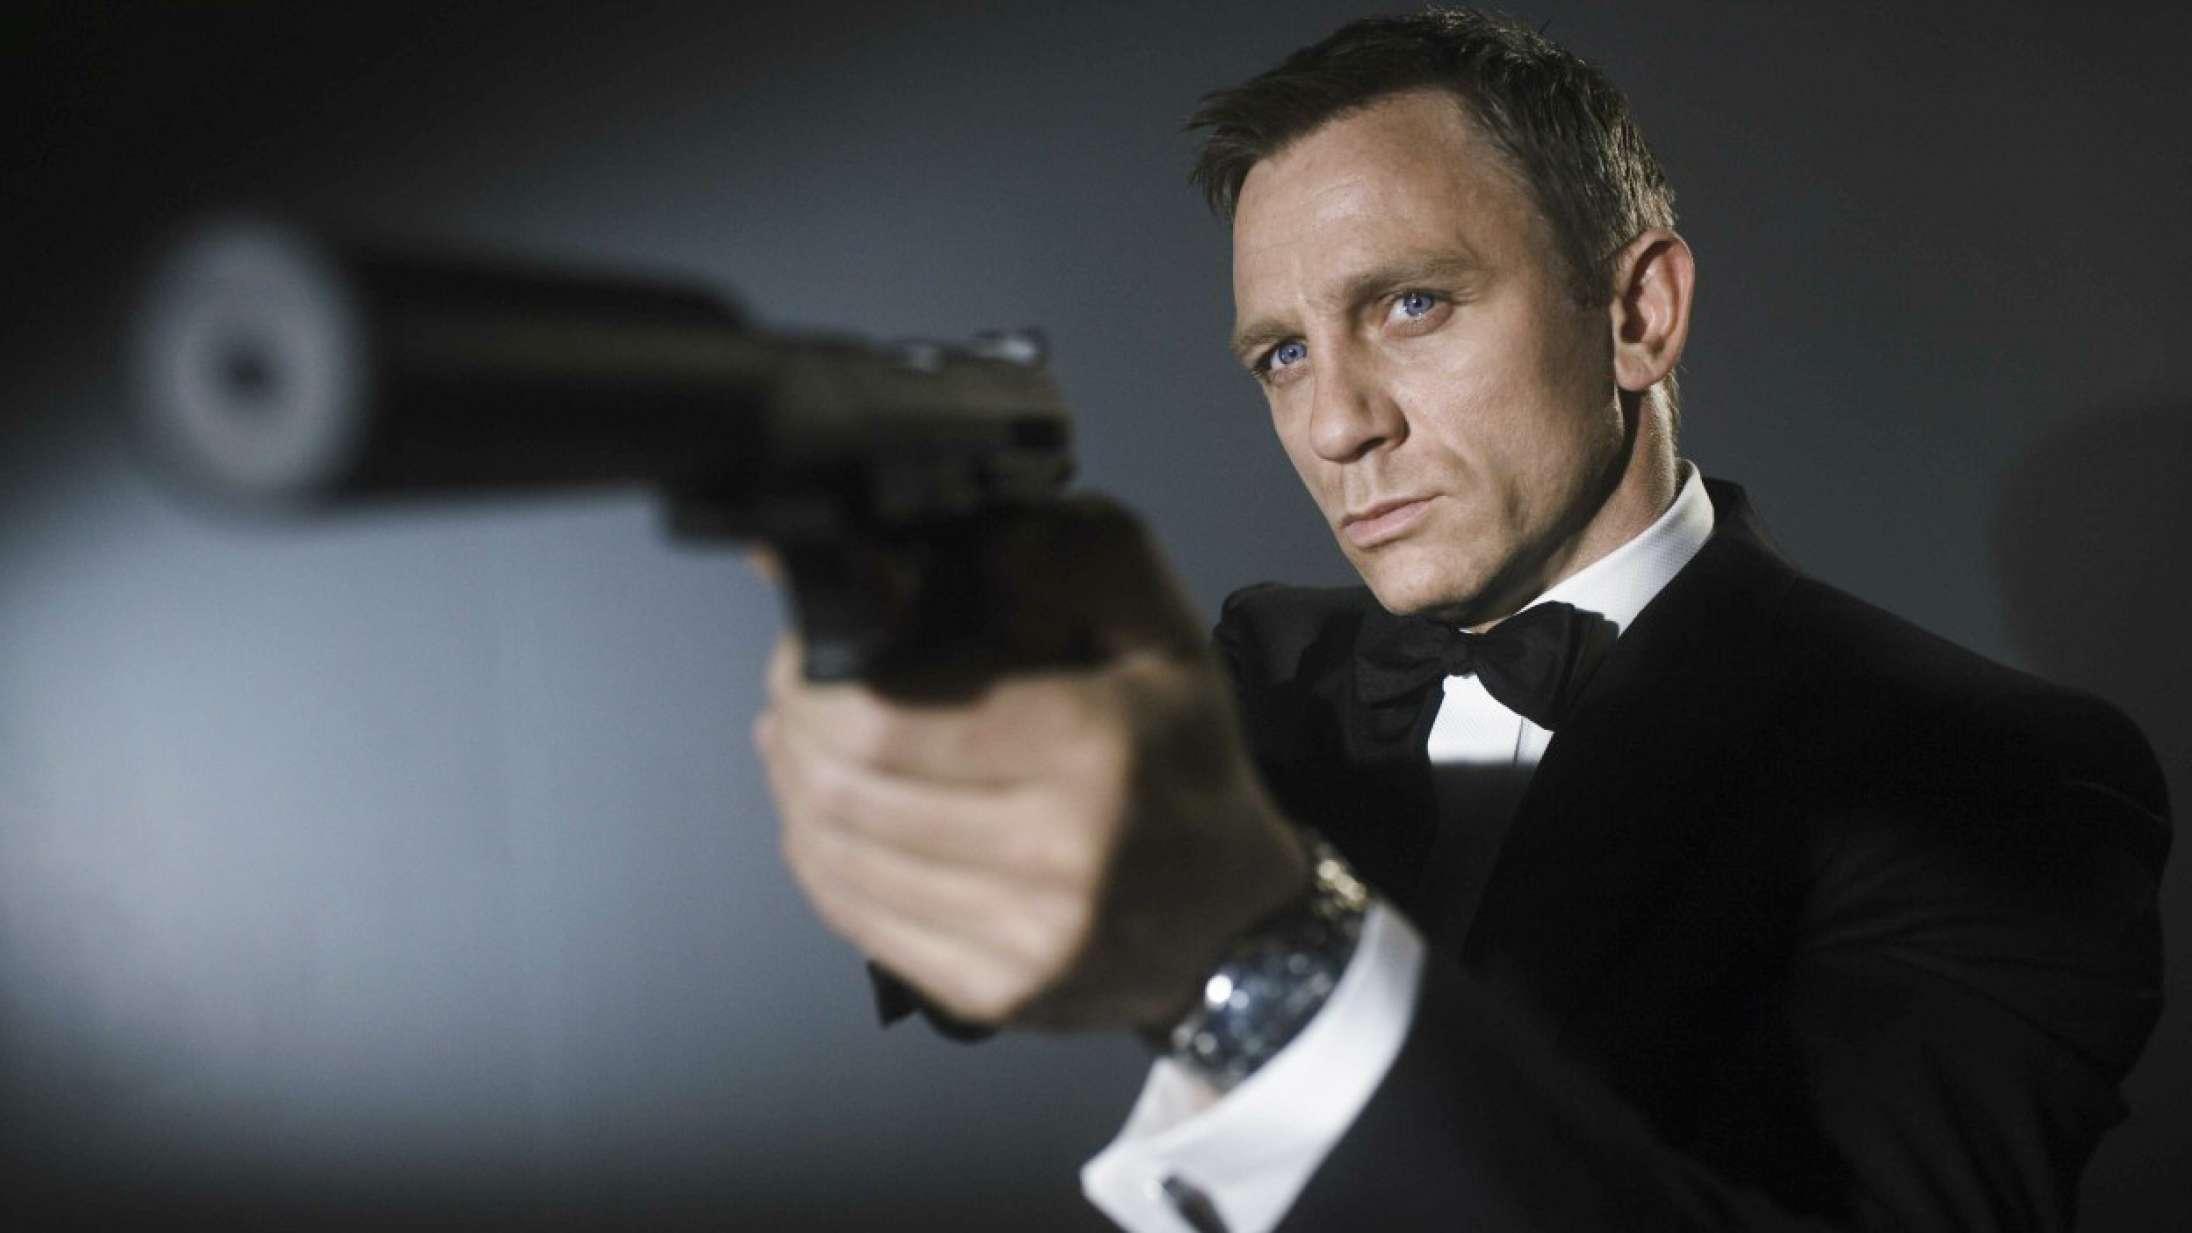 Alle 25 James Bond-sange – rangeret fra værst til bedst